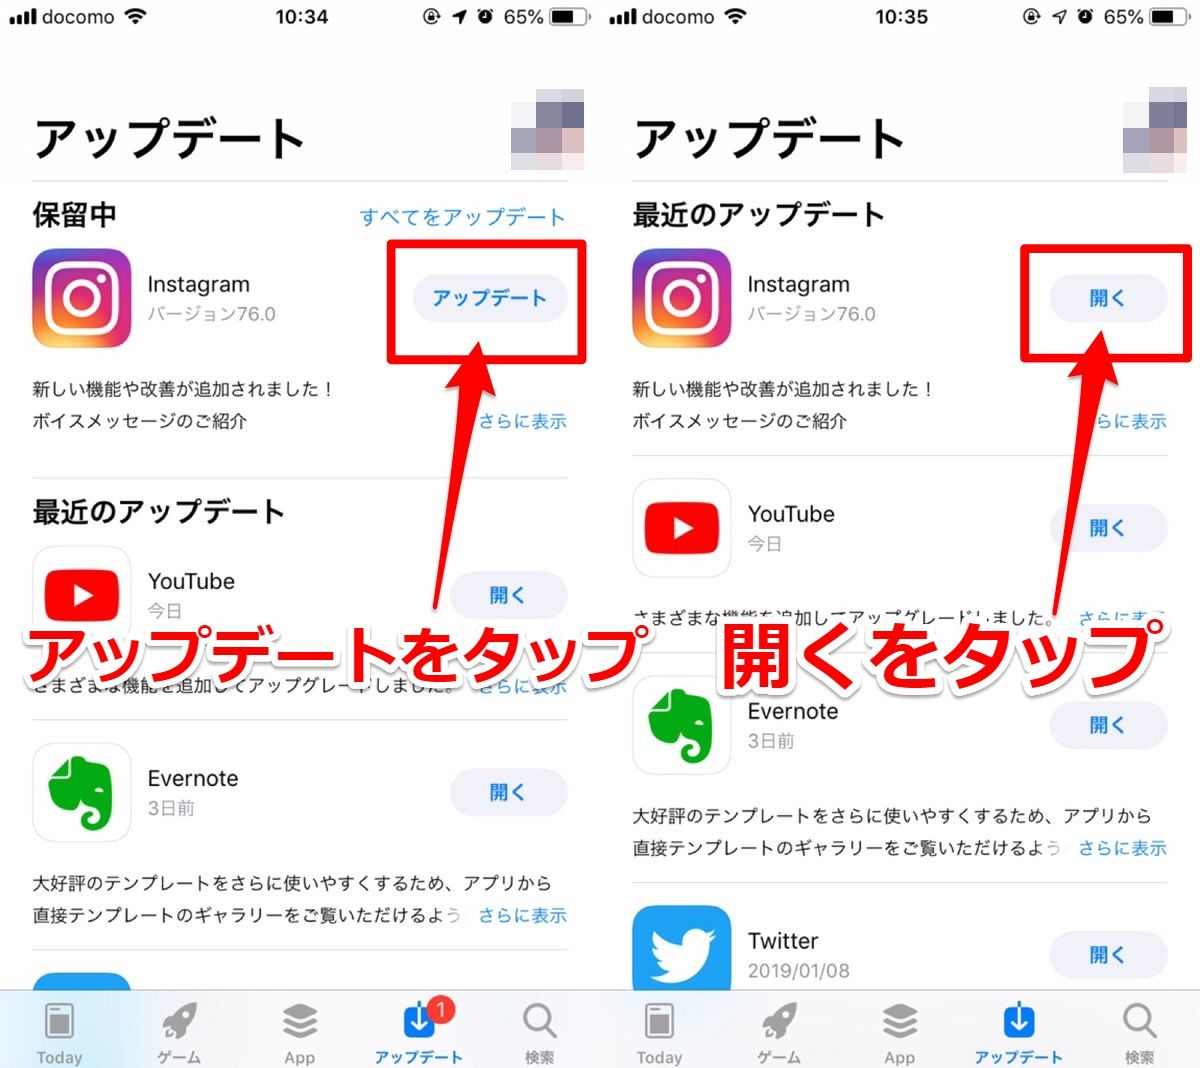 SNS-app-update